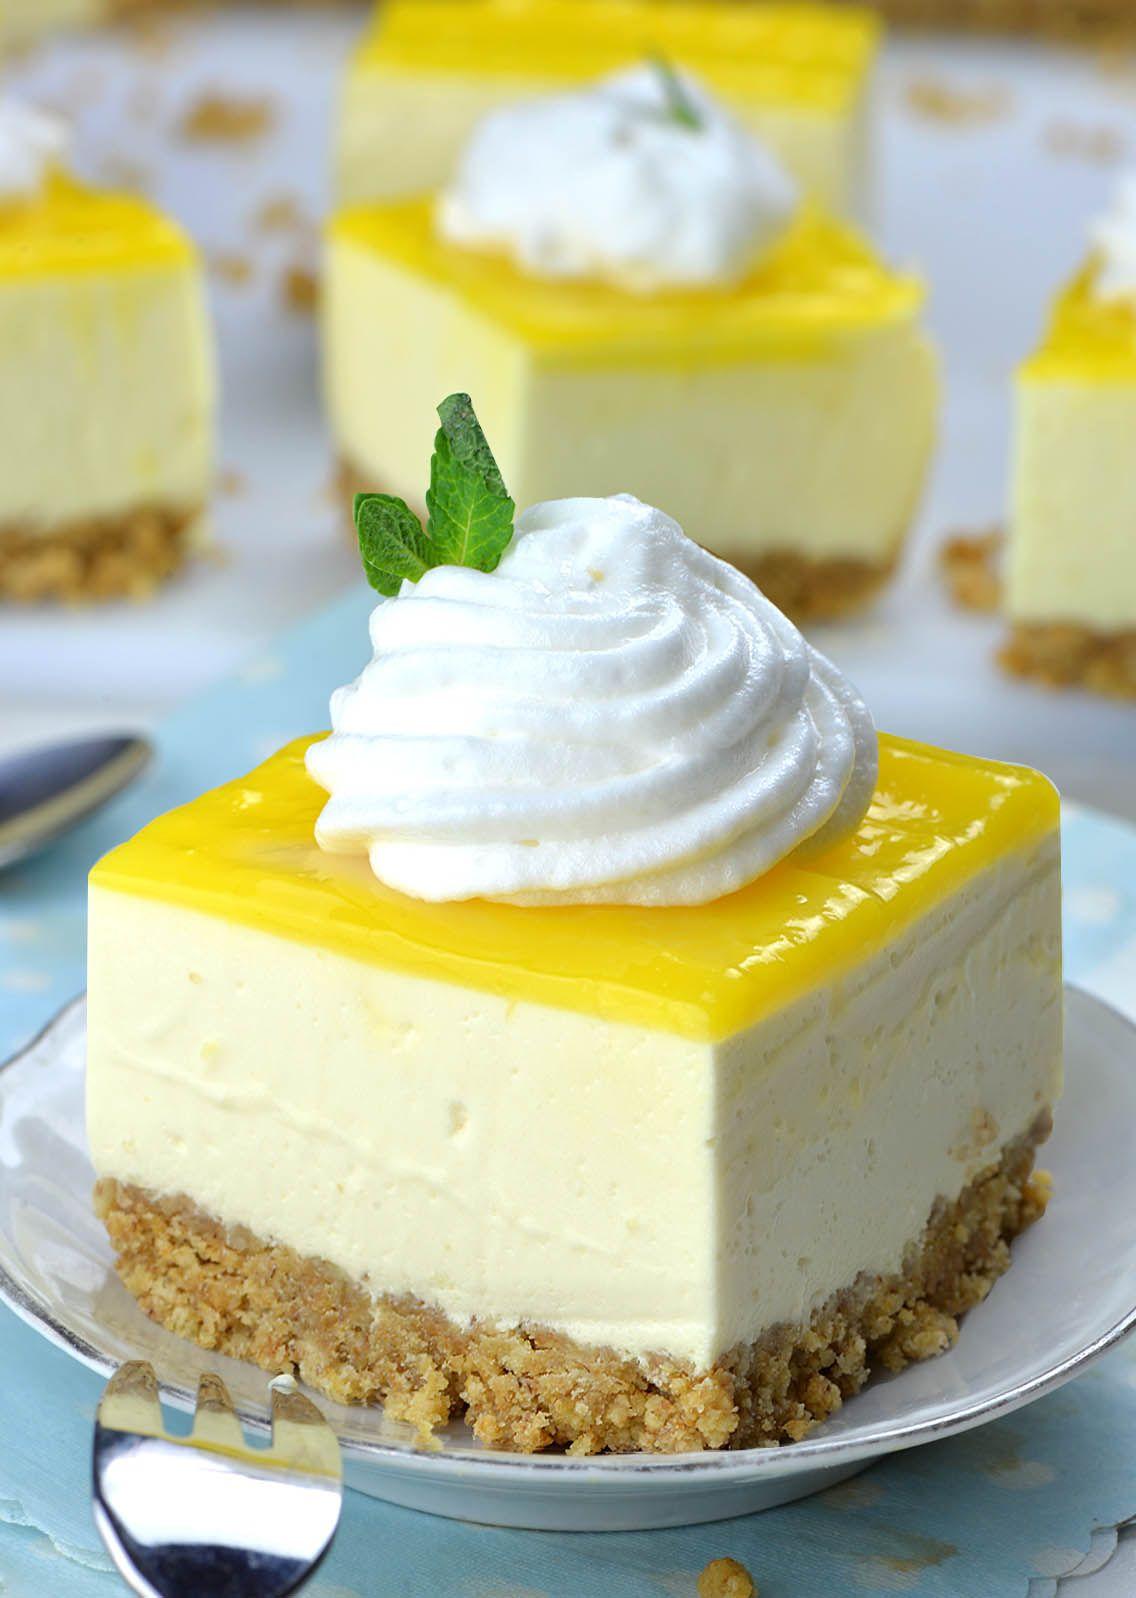 No Bake Lemon Cheesecake Bars Cheesecake Lemon Cheesecake Bars No Bake Lemon Cheesecake